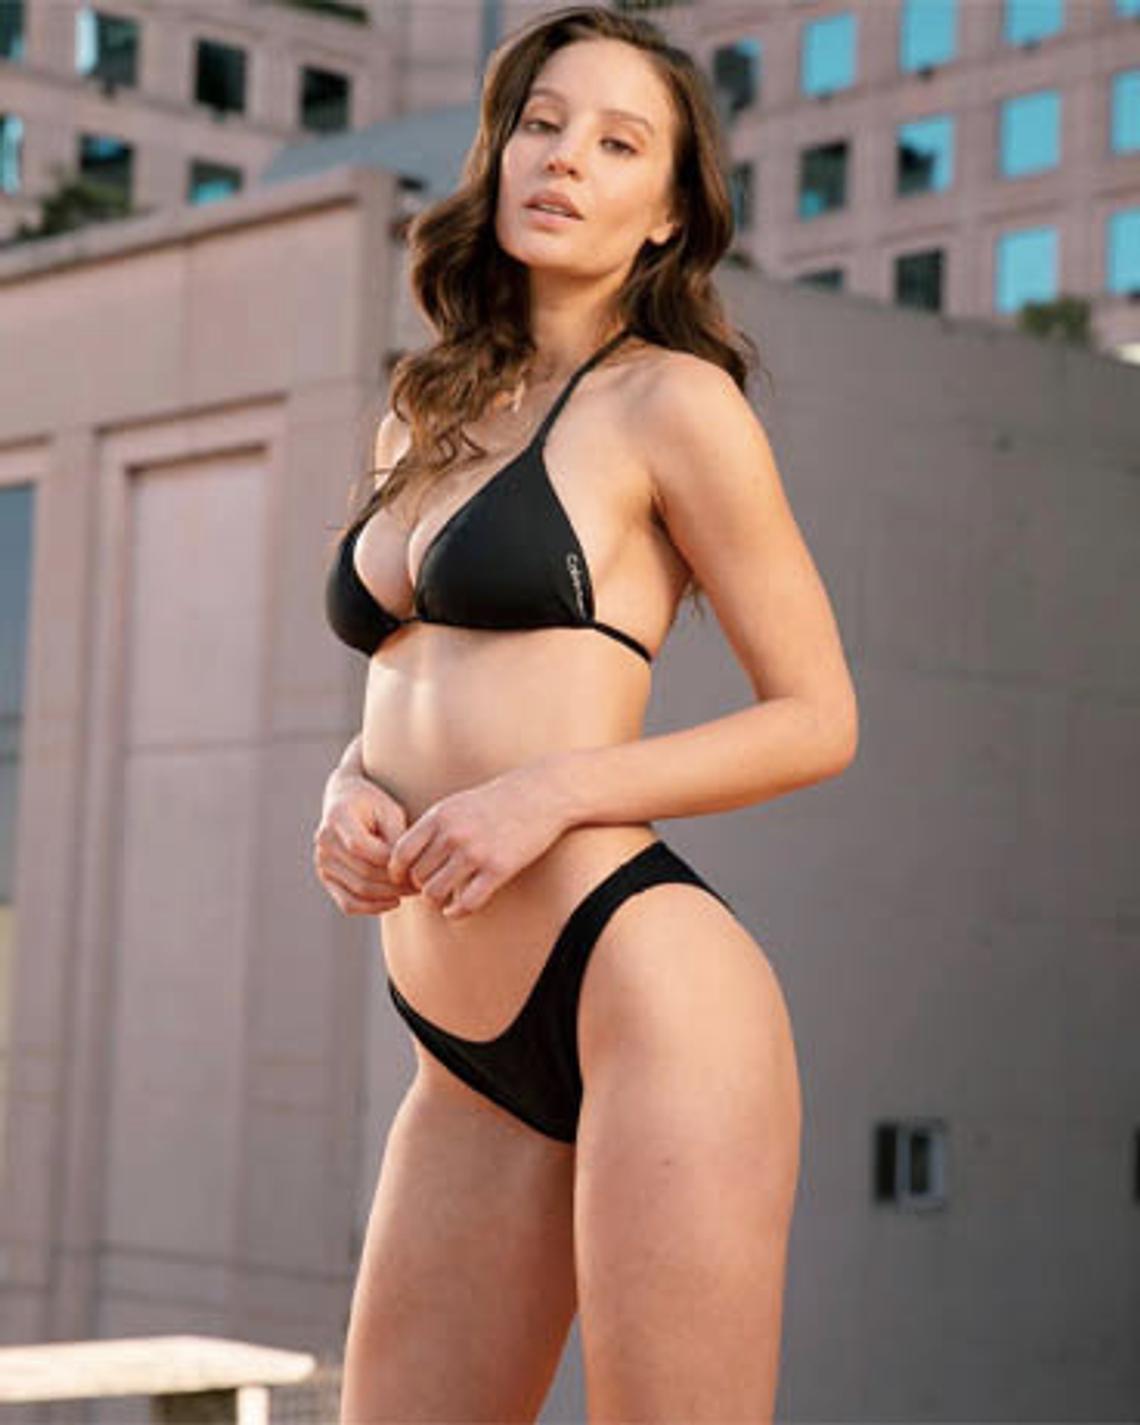 Hot ecuadorian woman